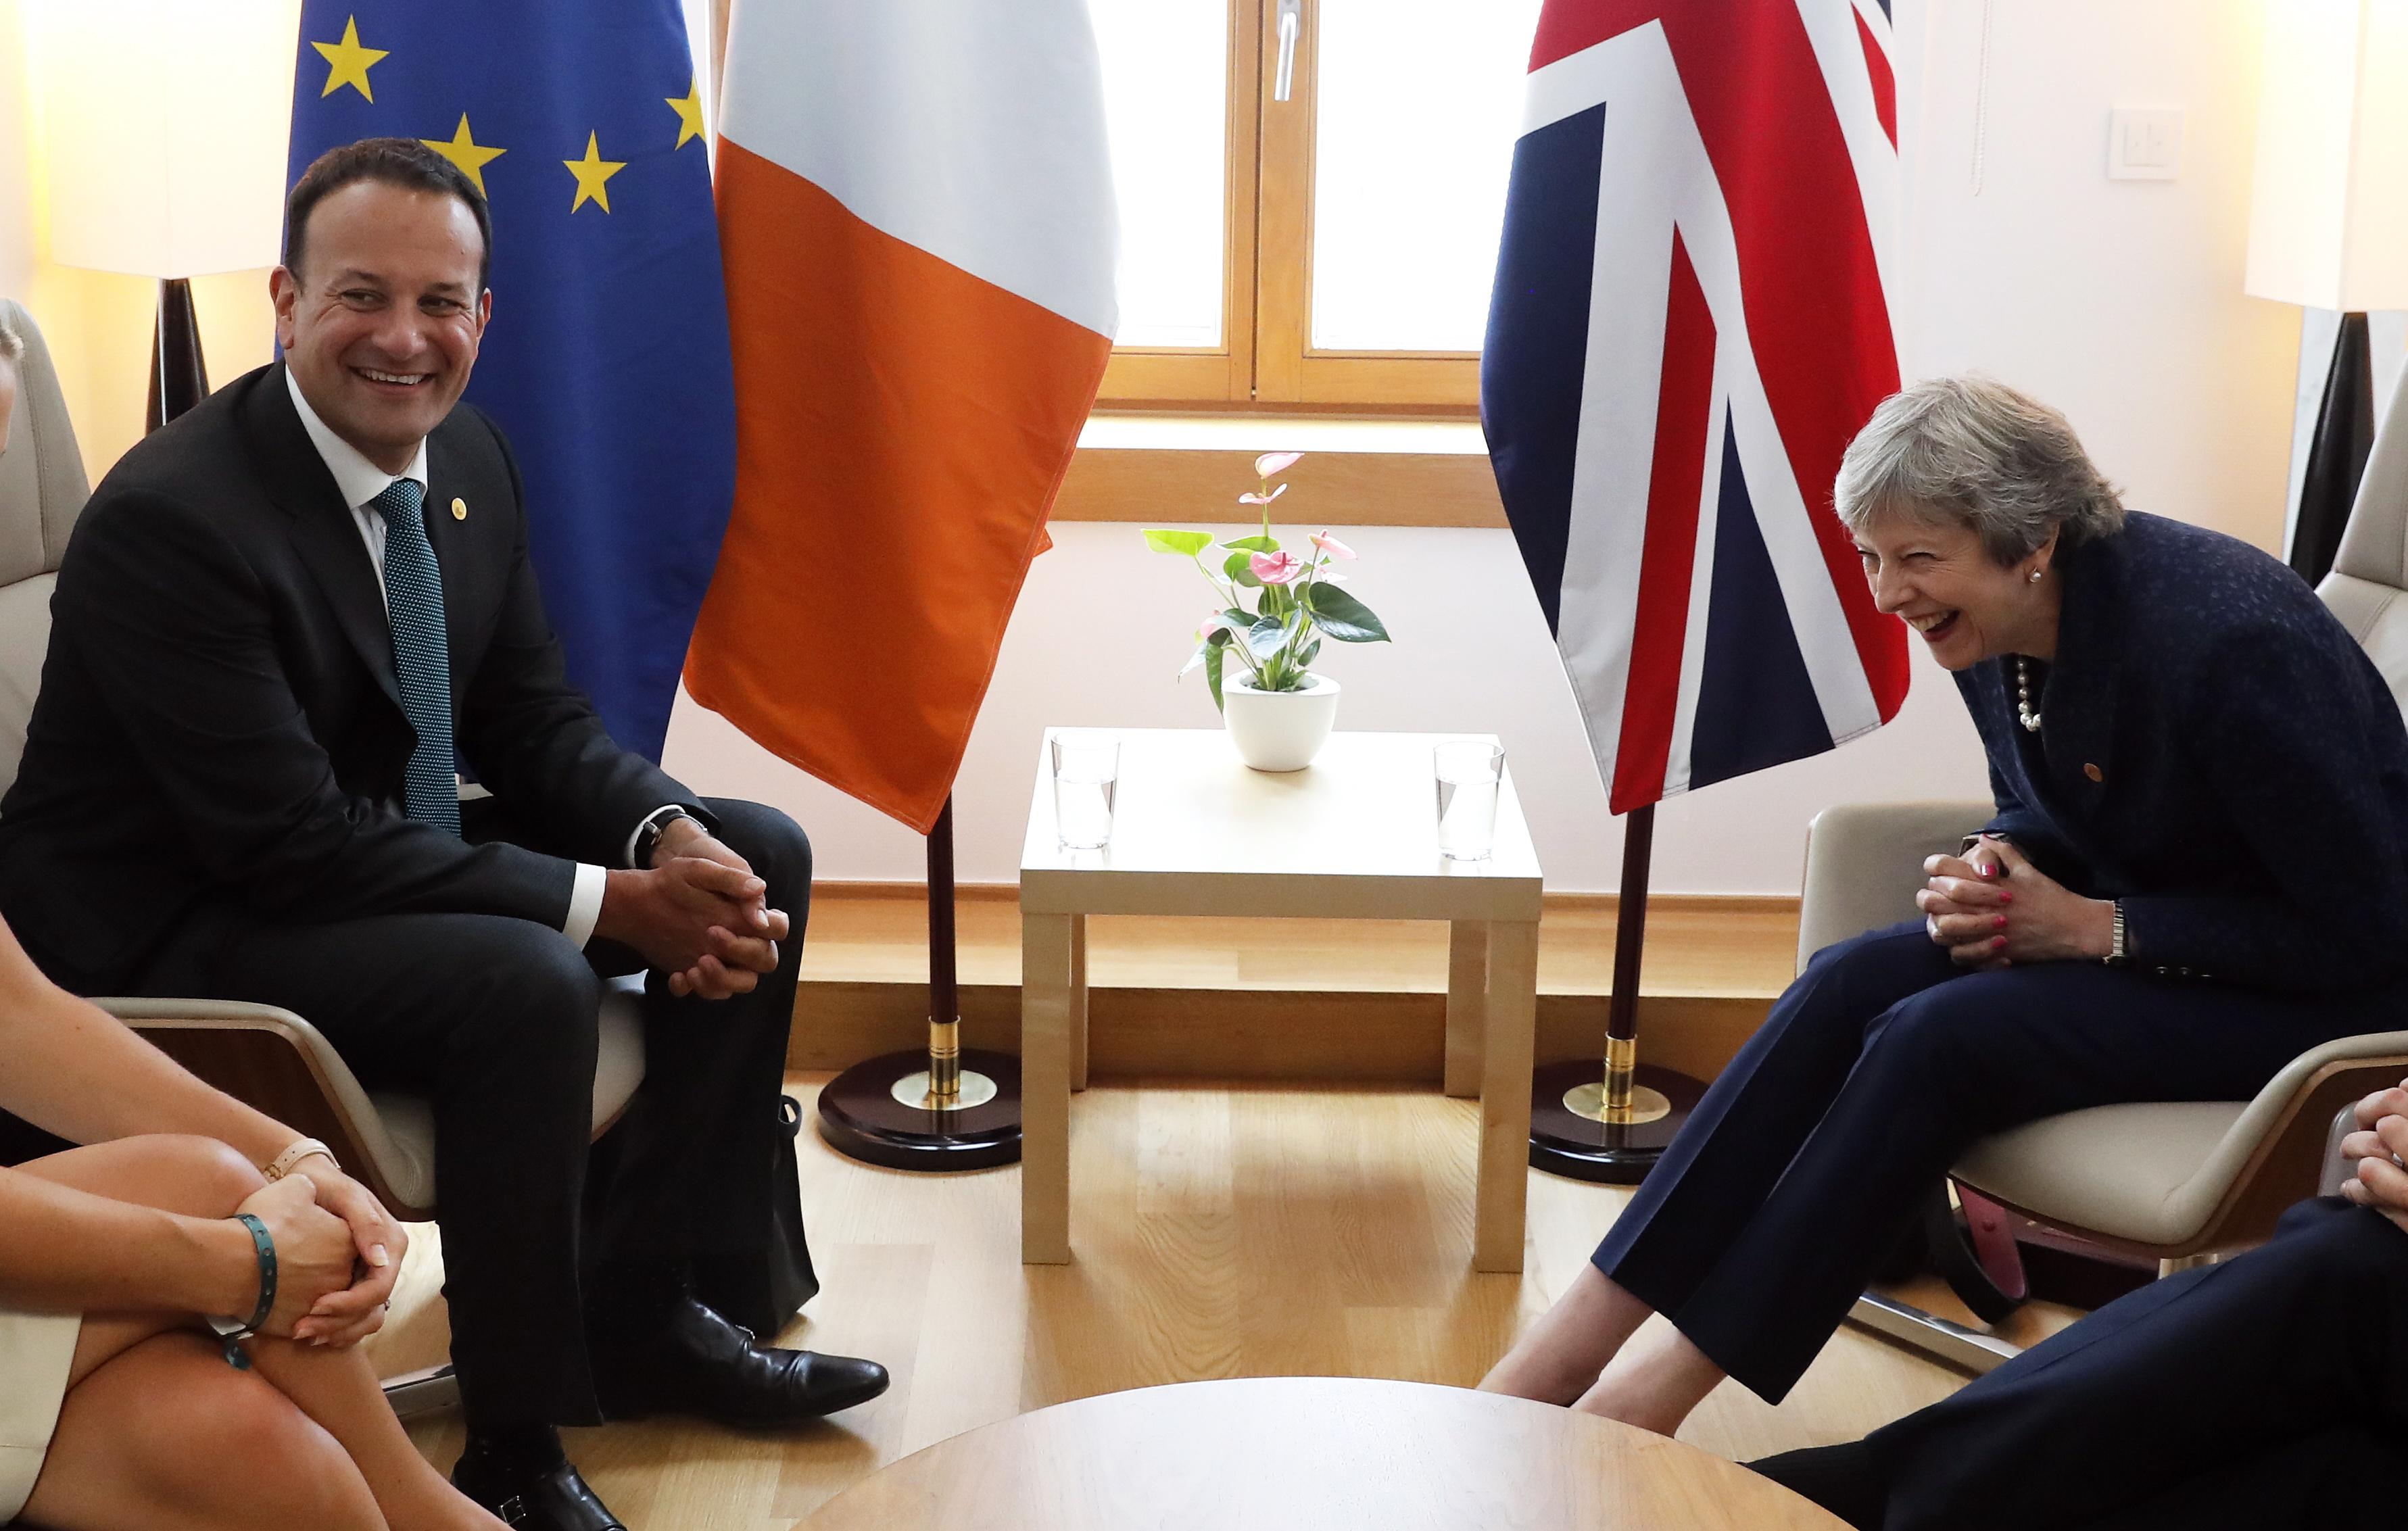 Europska unija zatražila Veliku Britaniju da se napokon izjasni oko Brexita